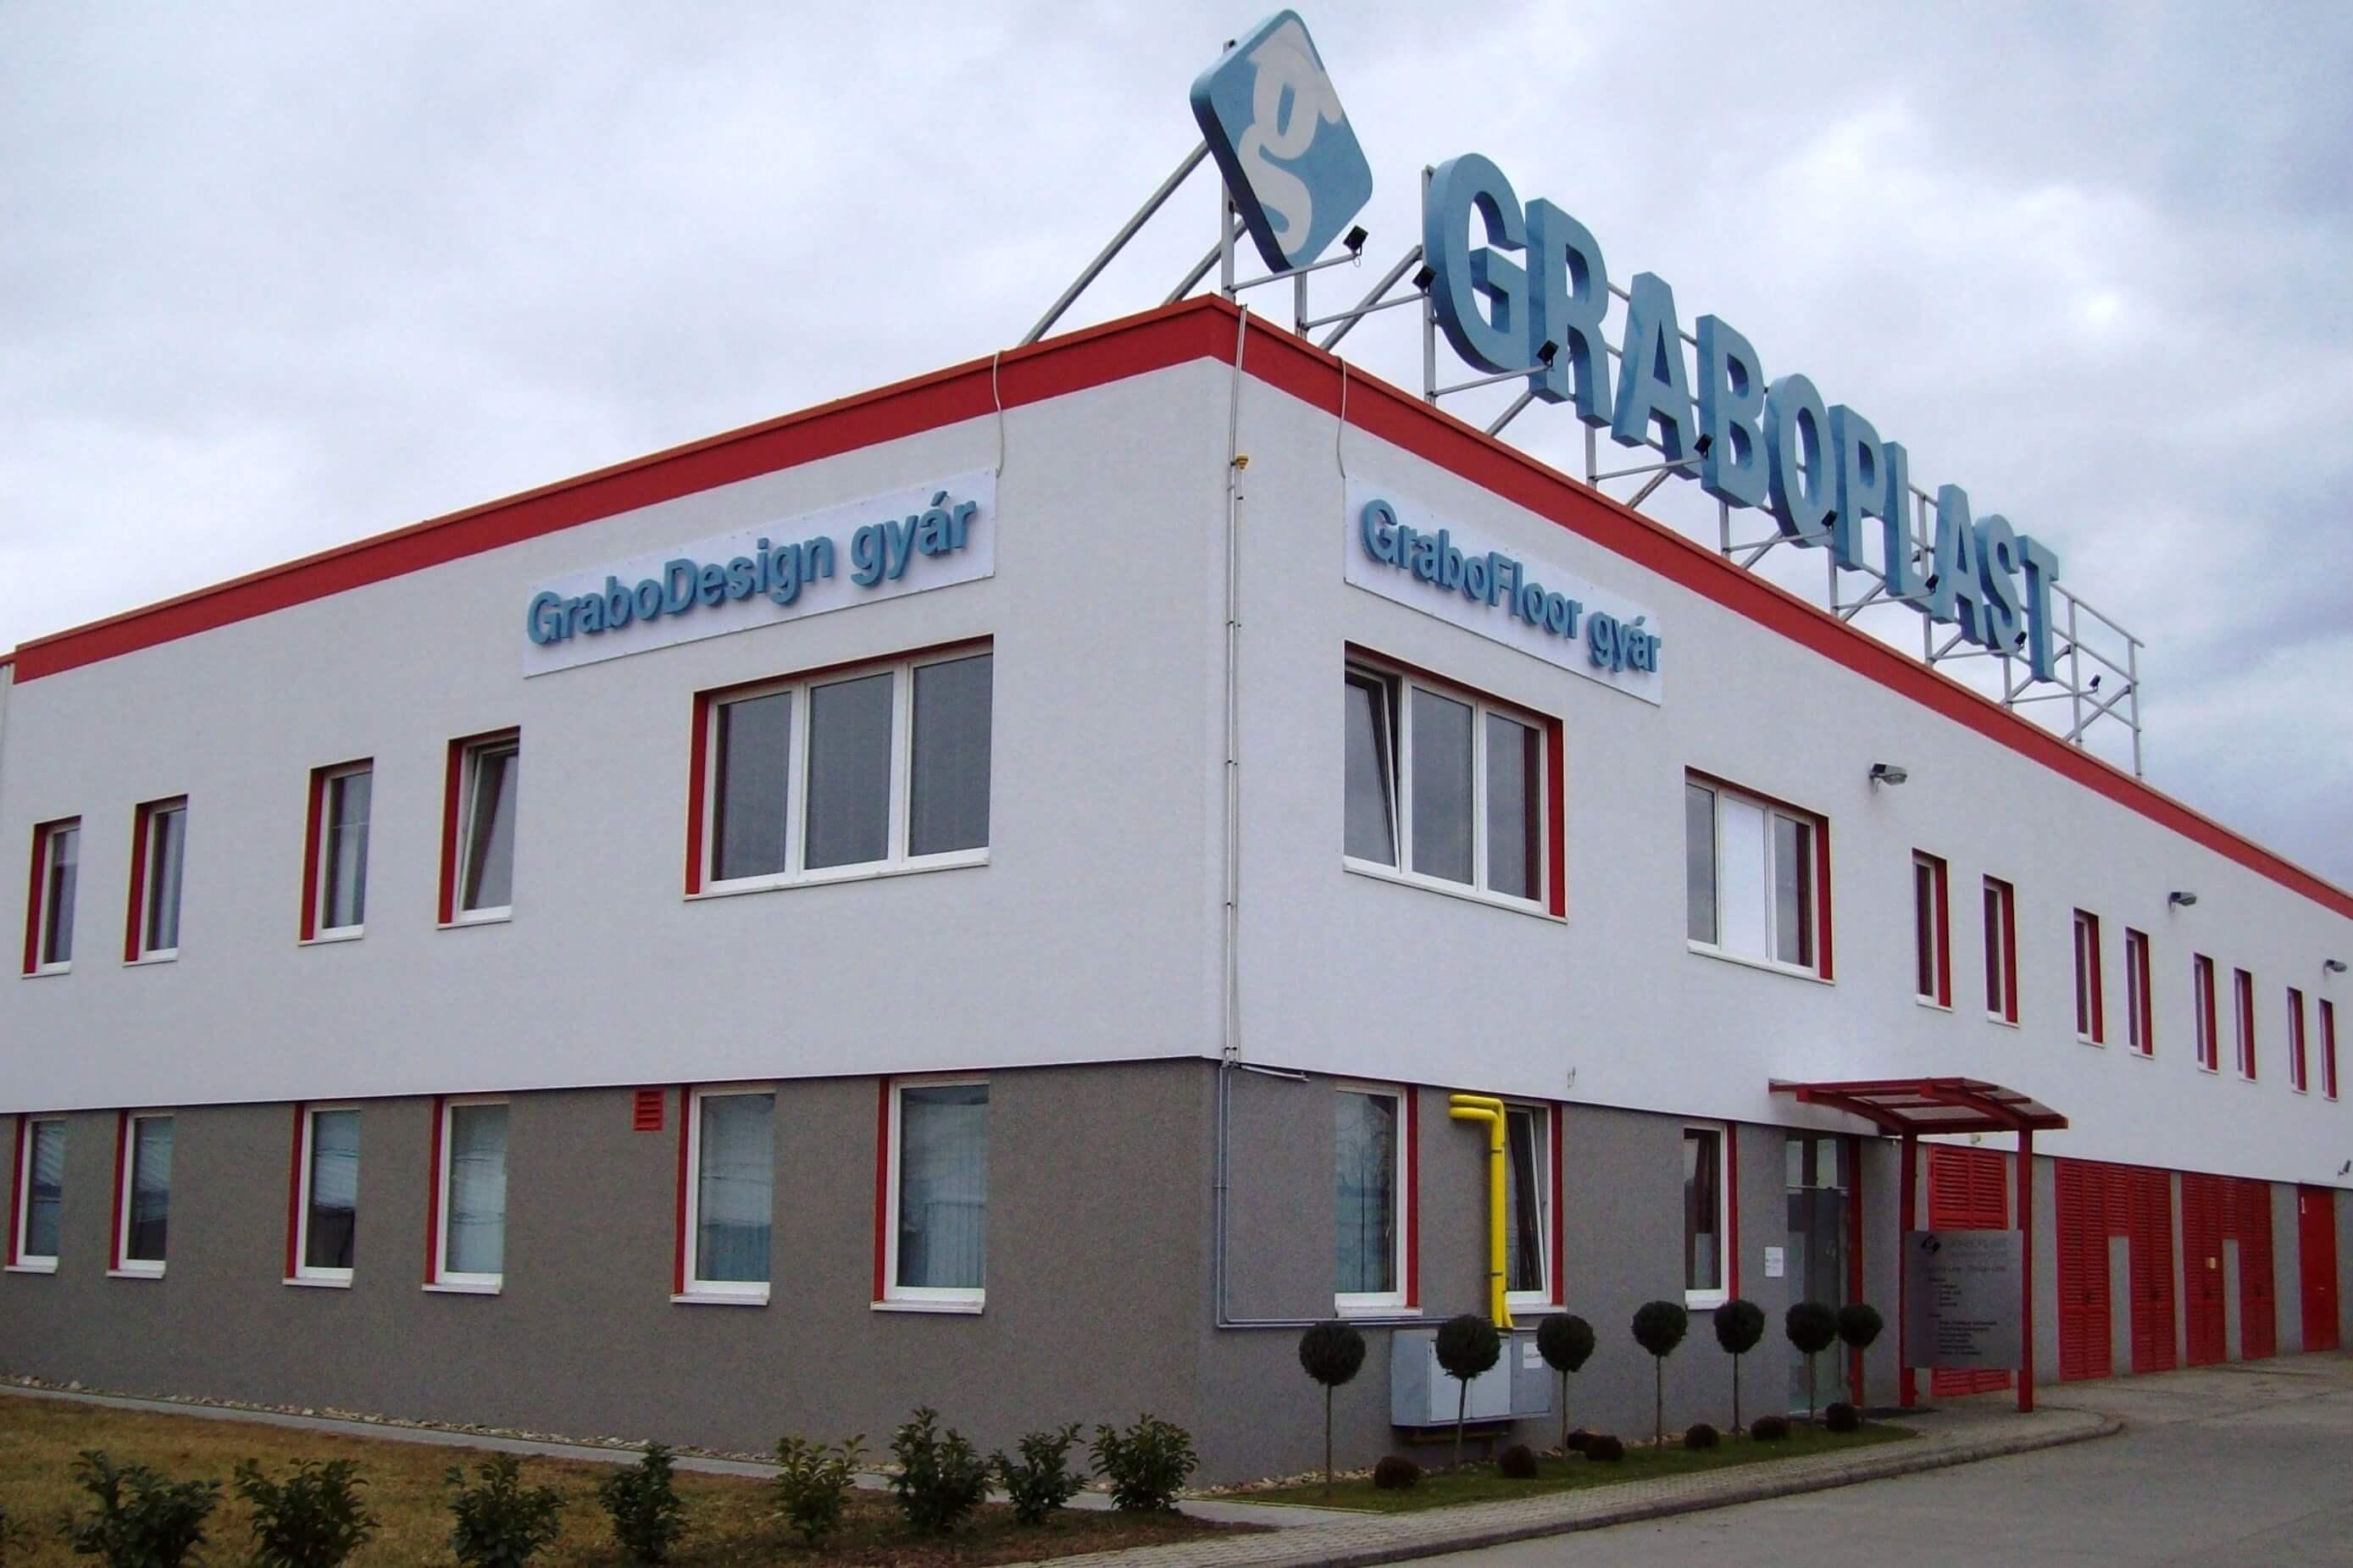 Új gyárat épít Győrben jövőre a Graboplast